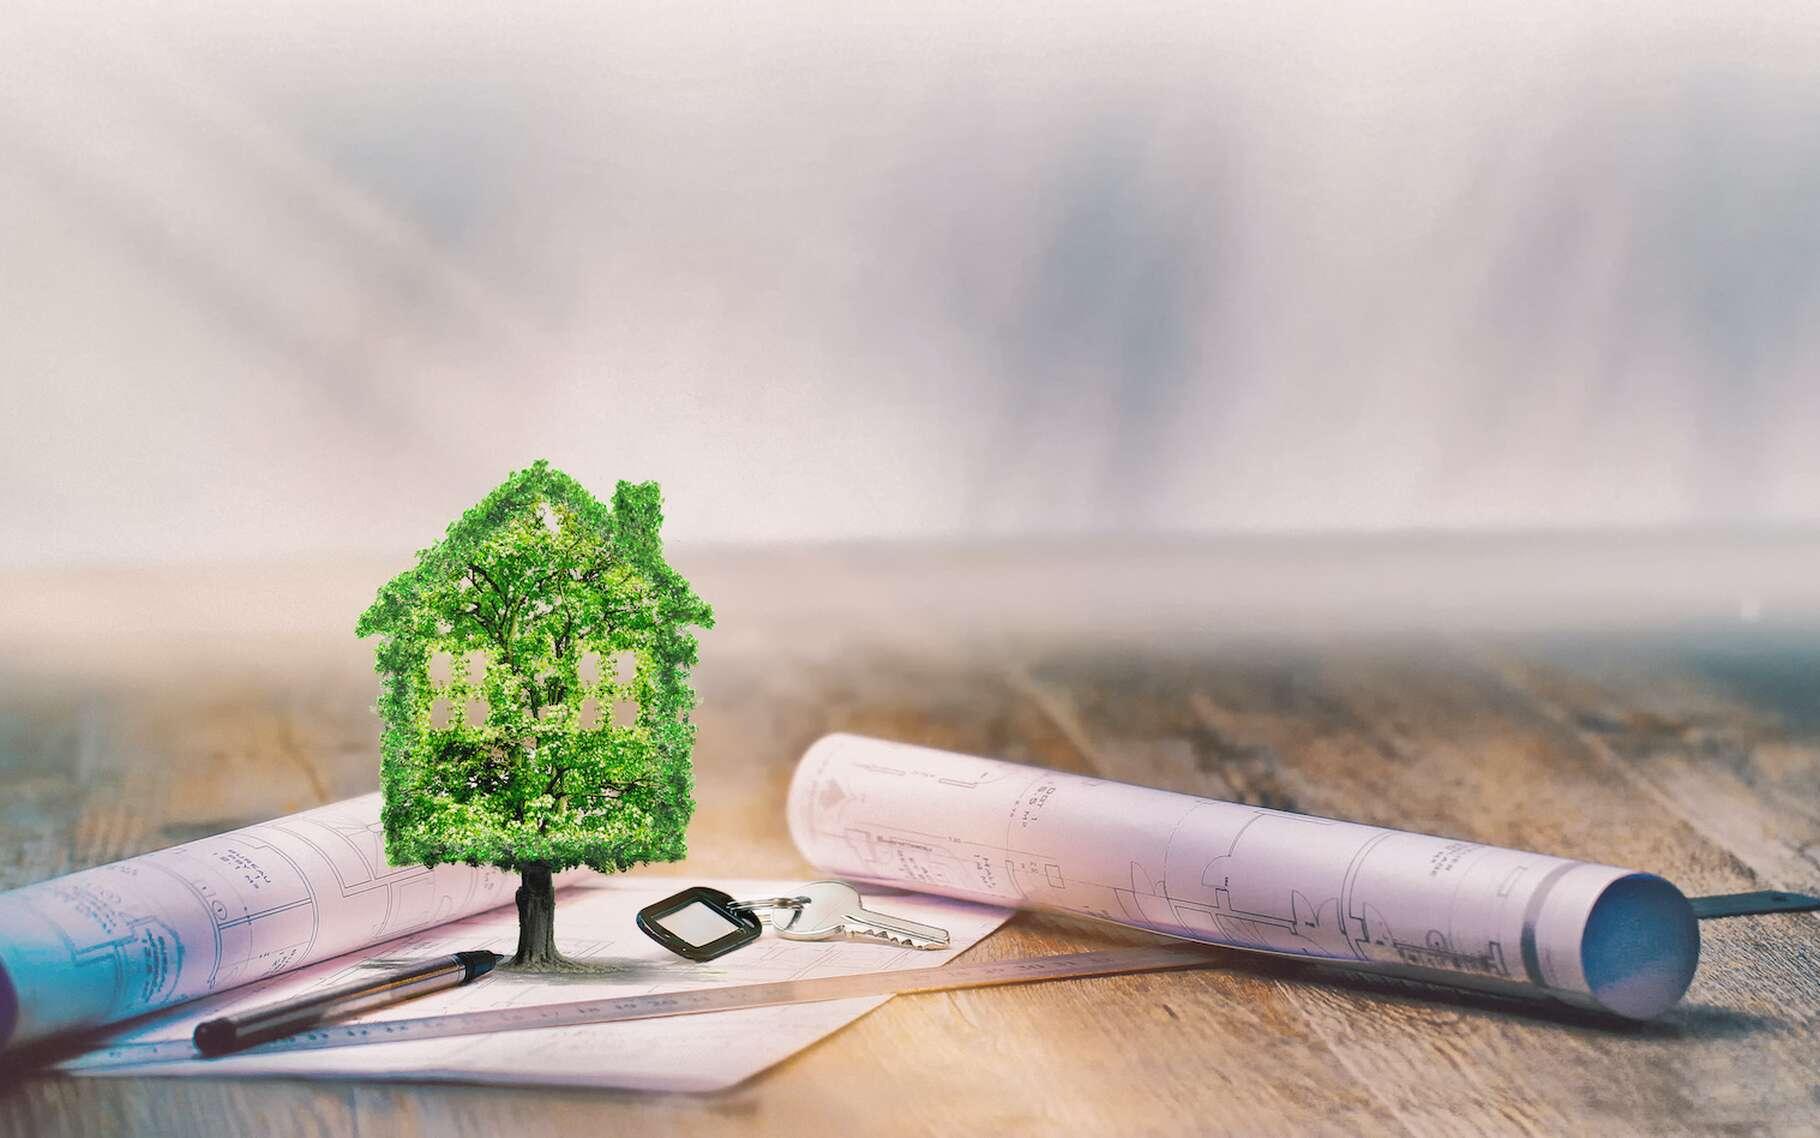 Le Salon du logement neuf de Toulouse proposera à ses visiteurs, entre le 31 janvier et le 2 février 2020, de découvrir un logement vert et engagé, un logement écoconçu à partir de savoir-faire et de matériaux locaux. © guy, Adobe Stock